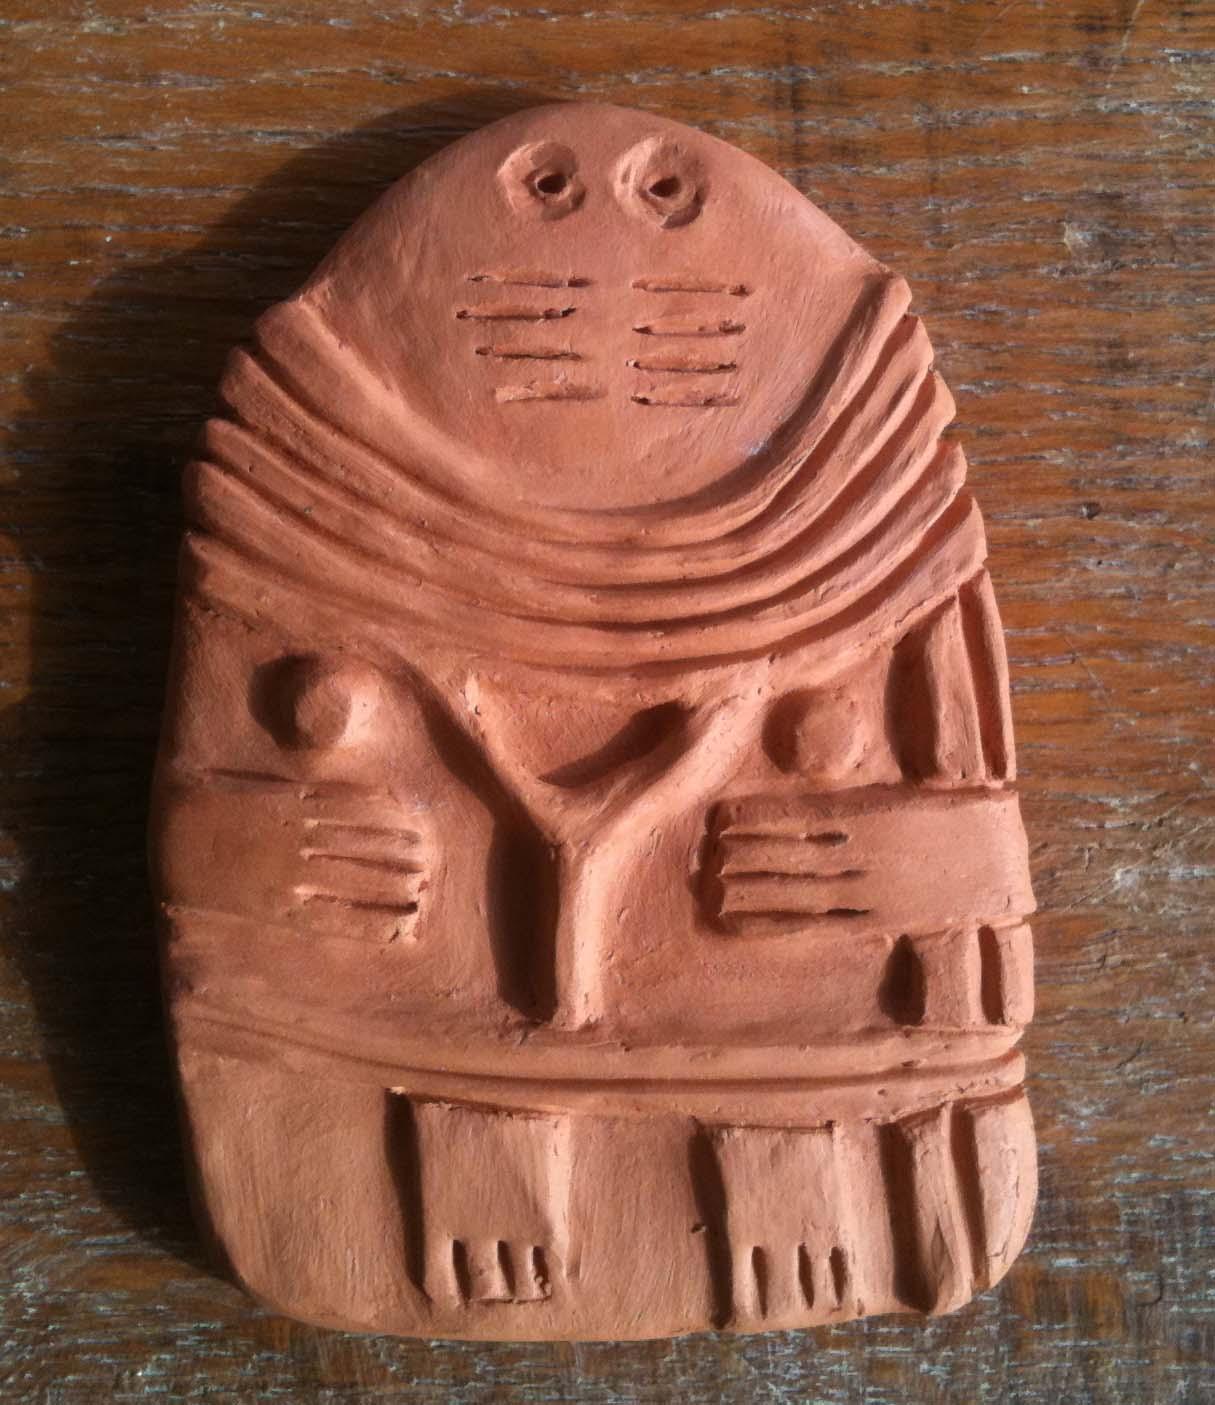 Thodule octobre 2010 - Modele poterie pour debutant ...